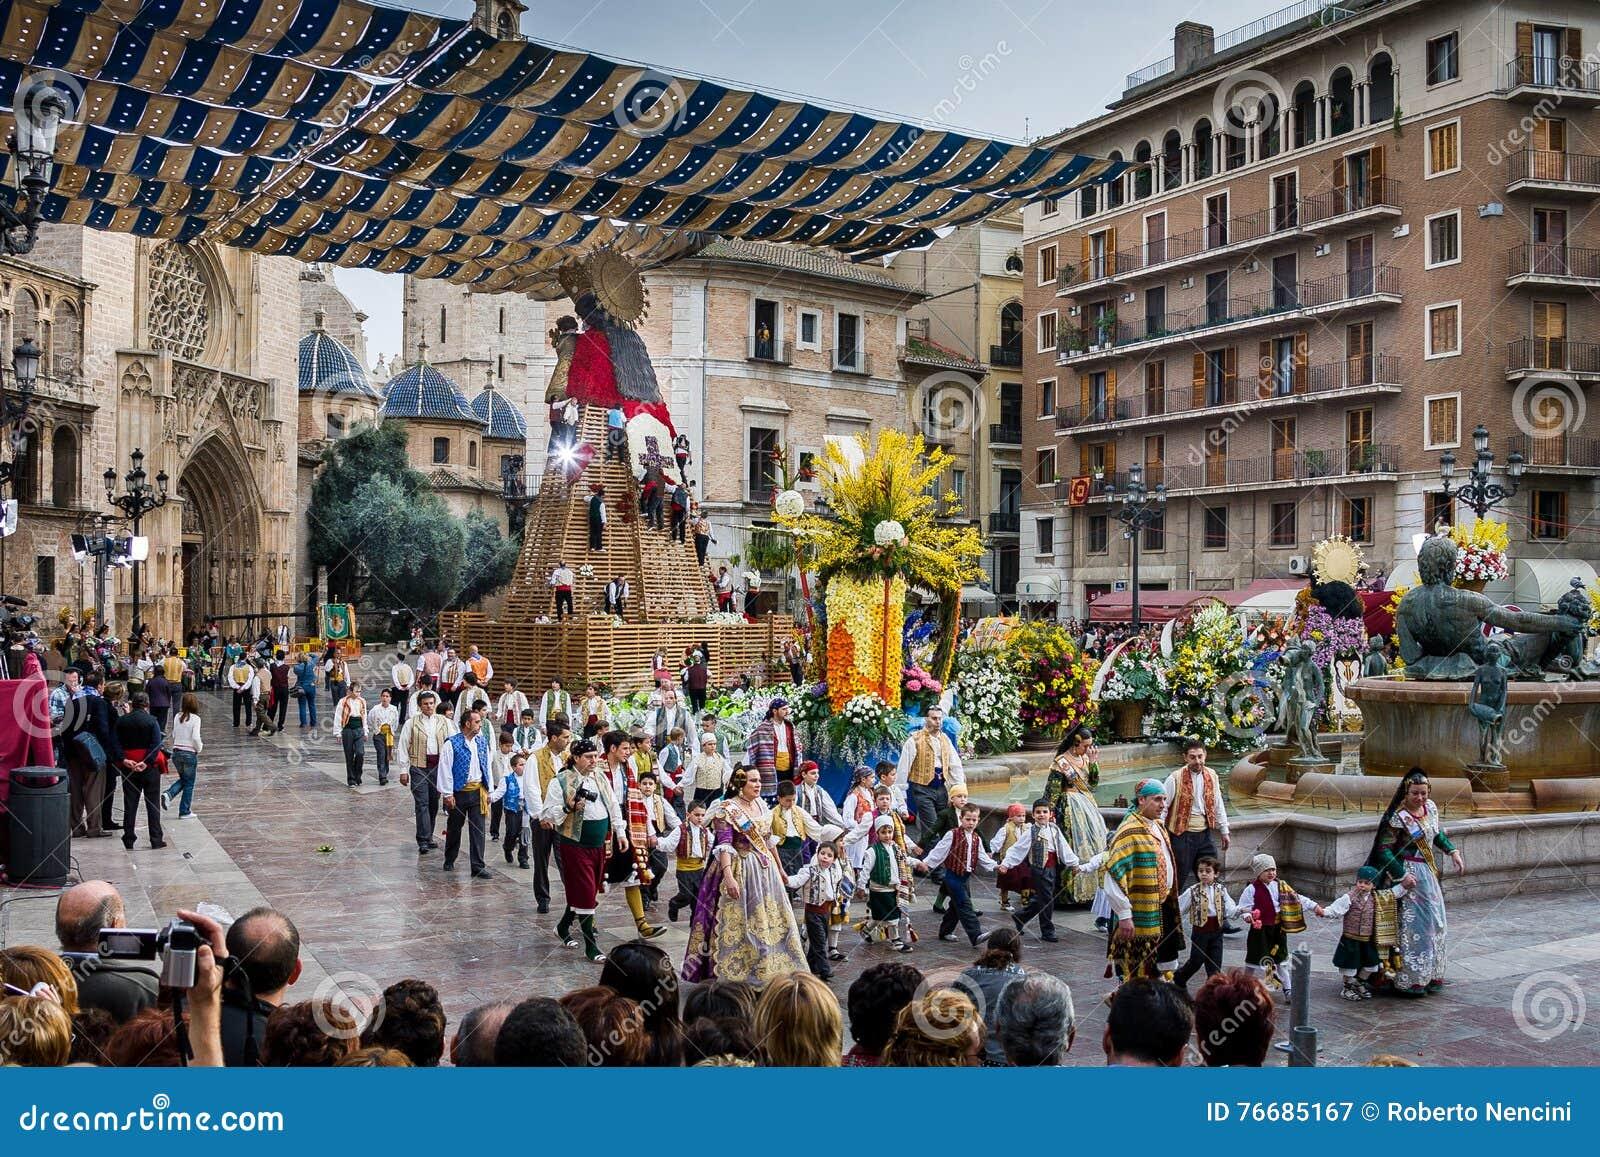 Valencia, Spain, The Fallas Festival